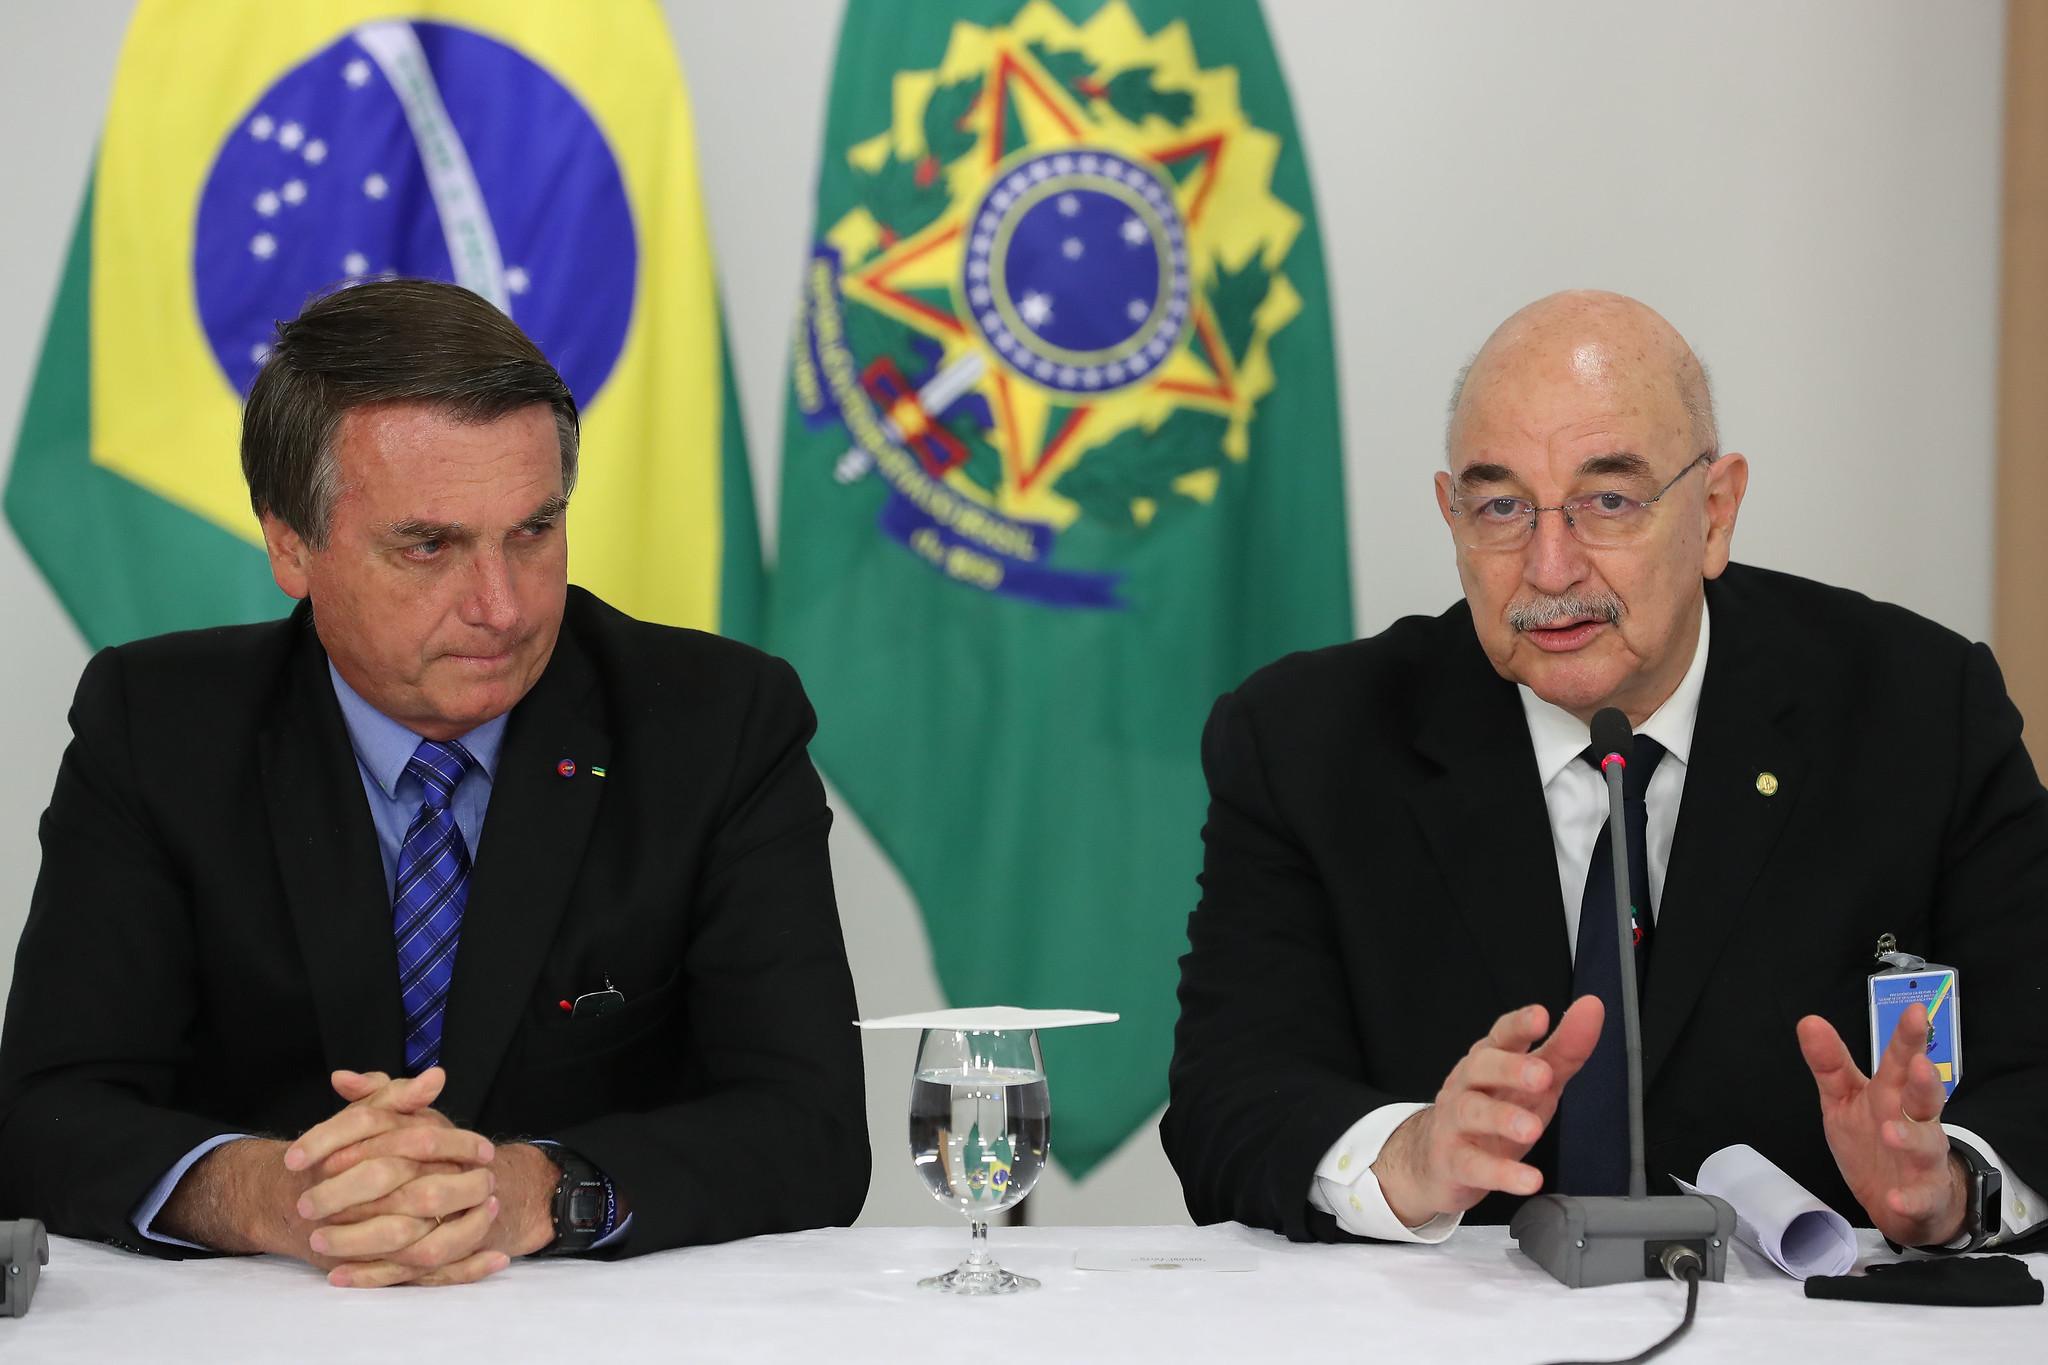 O presidente Jair Bolsonaro e o deputado federal Osmar Terra em evento